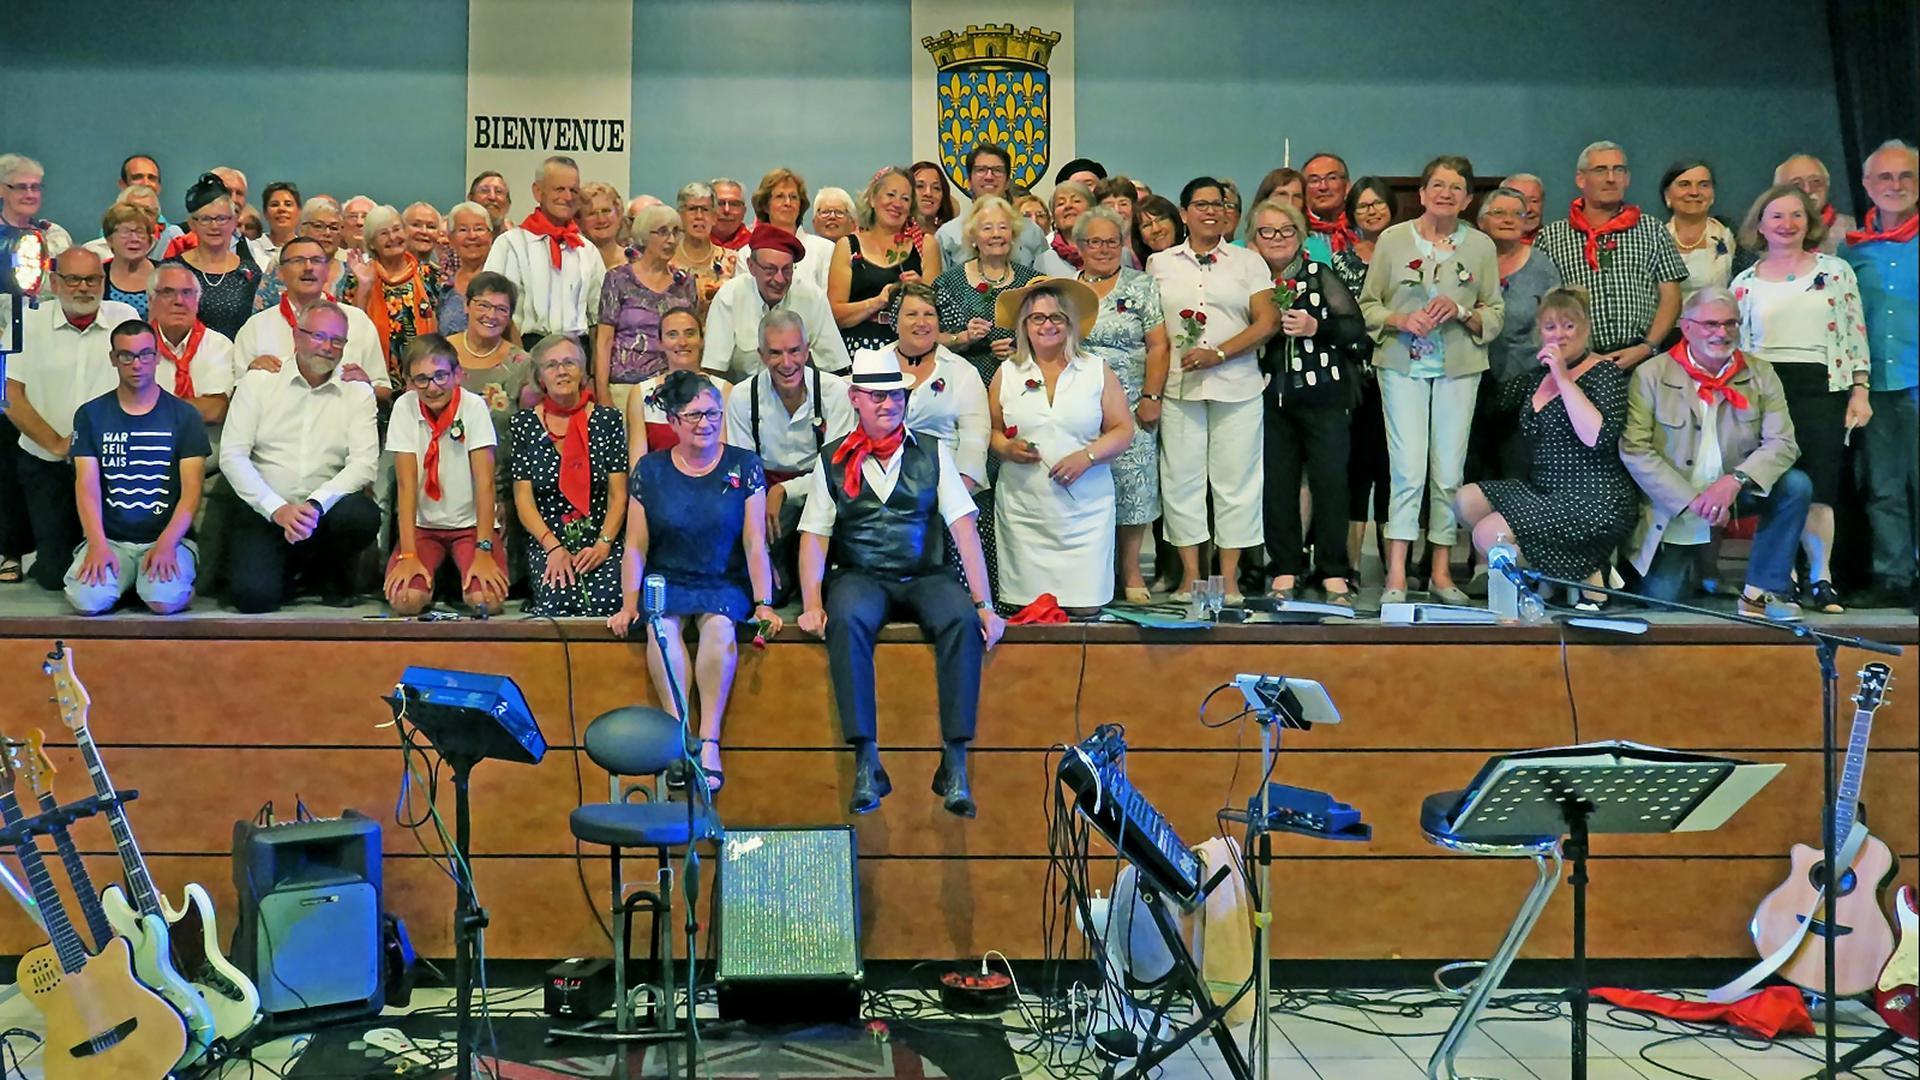 Abschlussabend in St. Riquier 2019 mit Besuchern aus Stutensee. Auf einer Bühne.